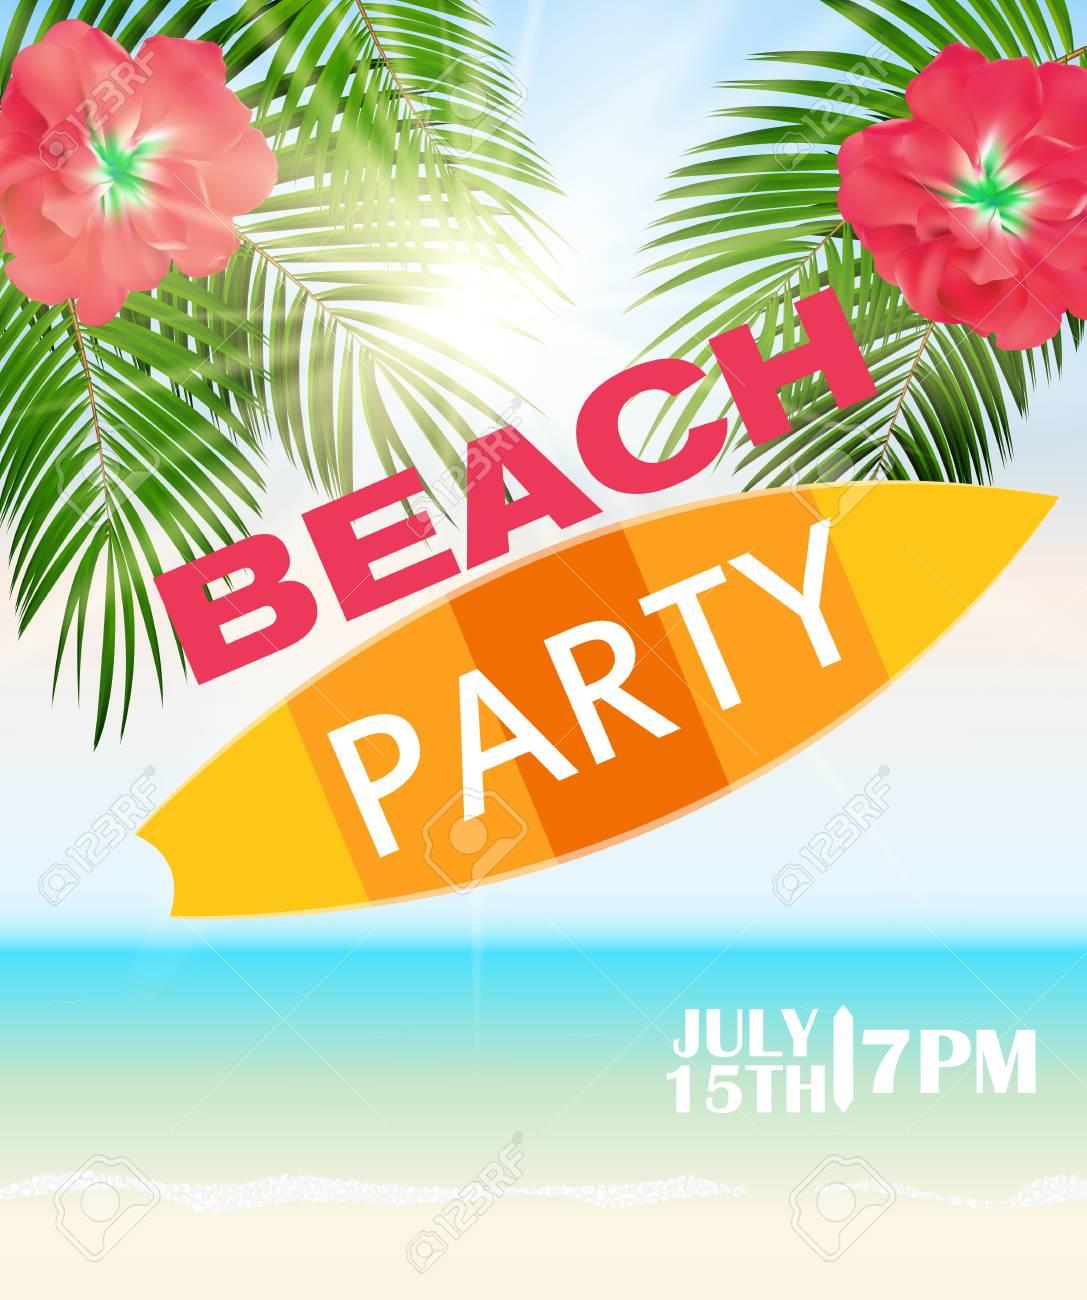 ビーチ夏祭りポスター ベクトル図のイラスト素材ベクタ Image 54202683